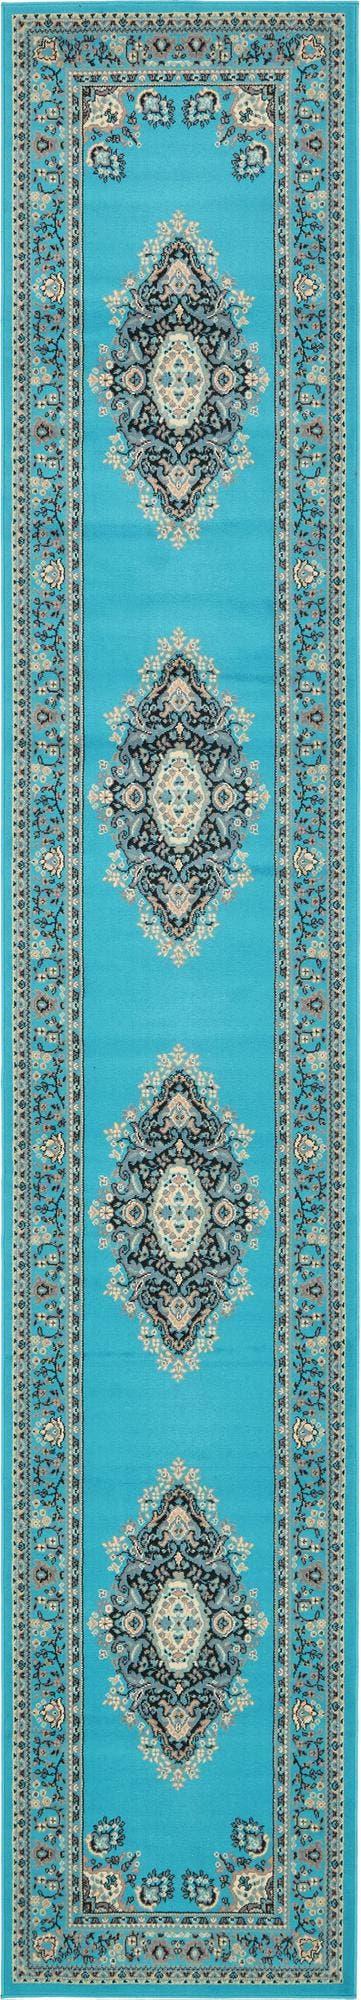 3' x 16' 5 Mashad Design Runner Rug main image